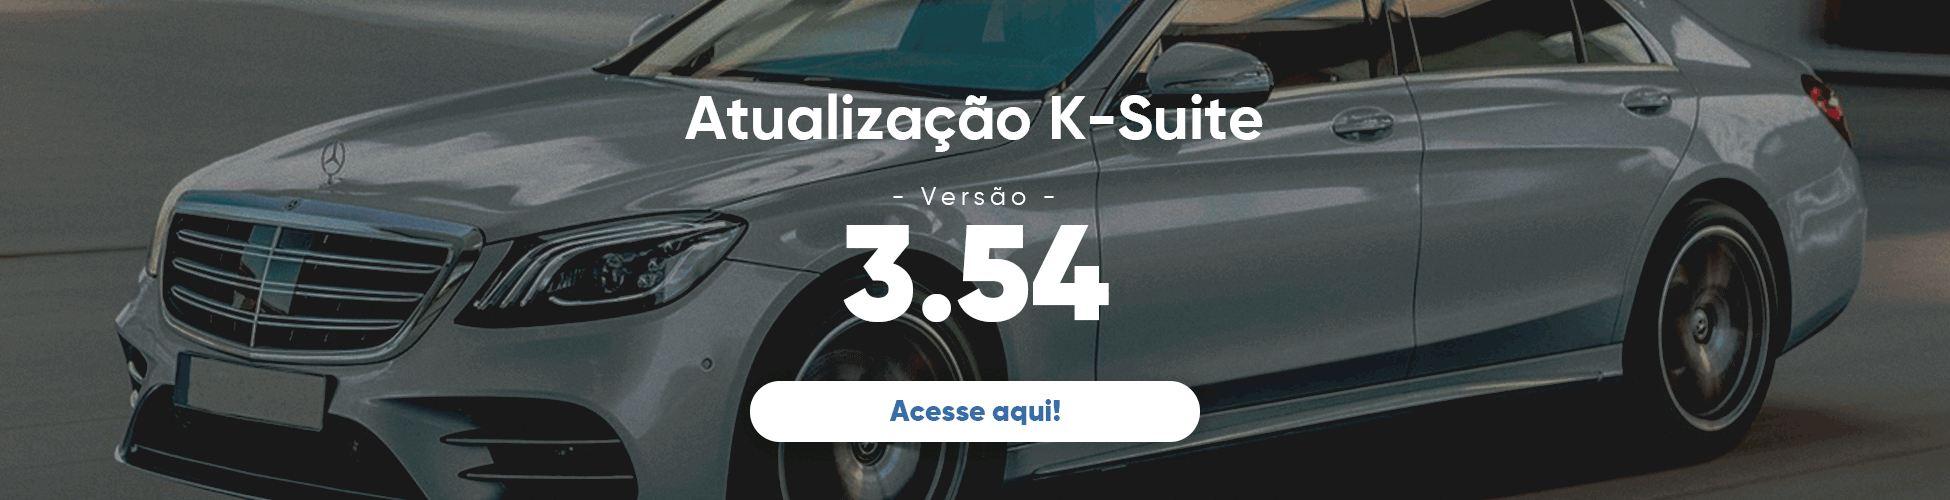 Atualização K-Suite 3.54